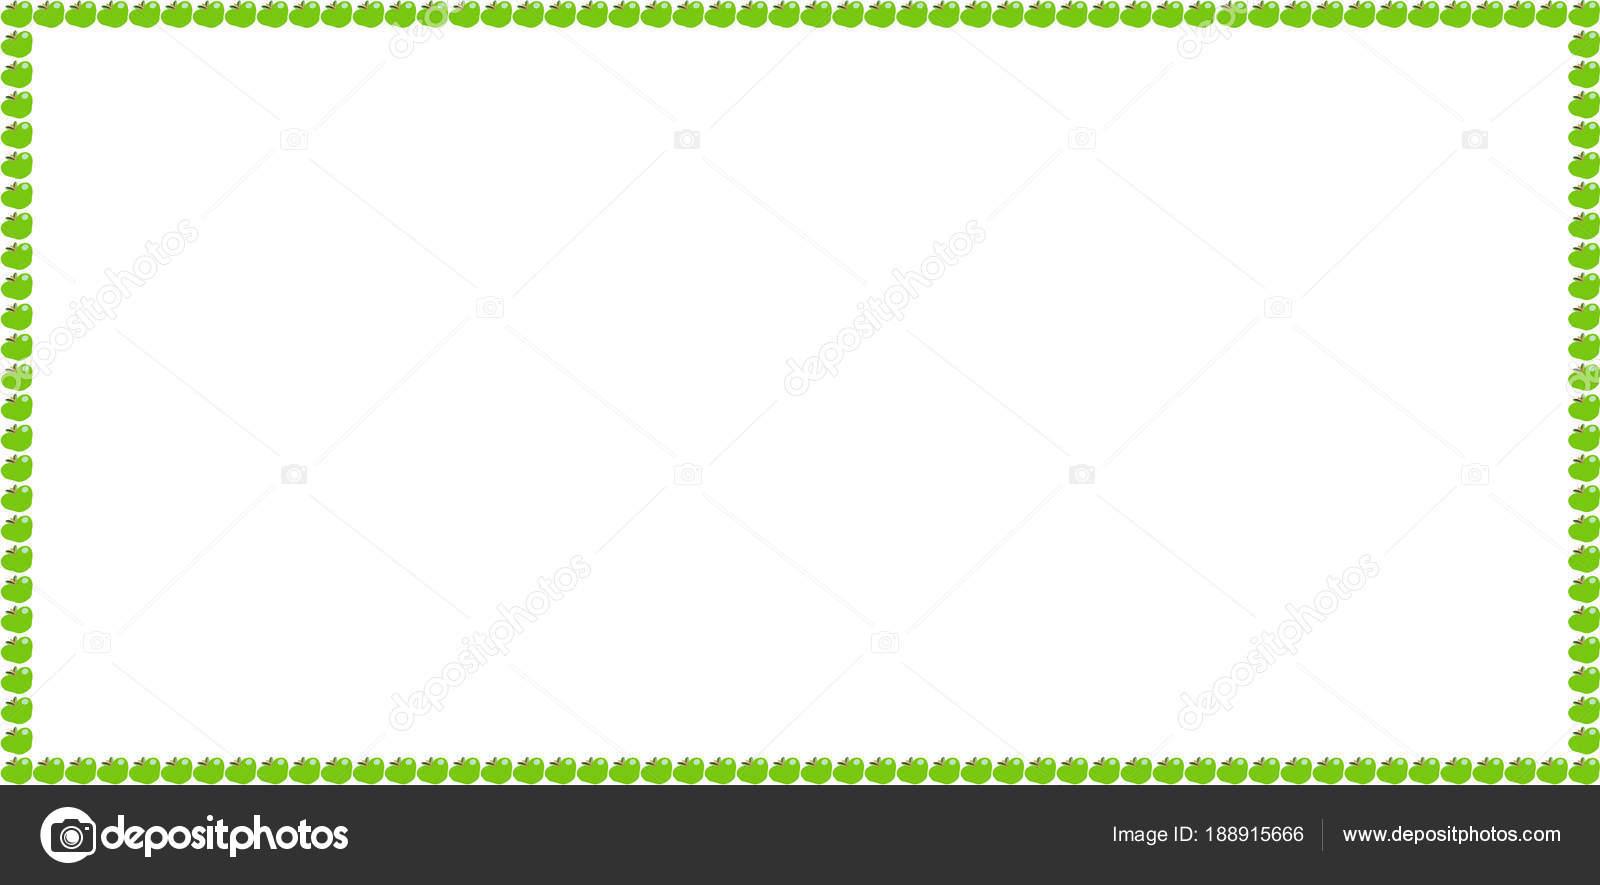 Grüner Apfel Rechteck Billboard Rahmenarbeit mit Platz für text ...